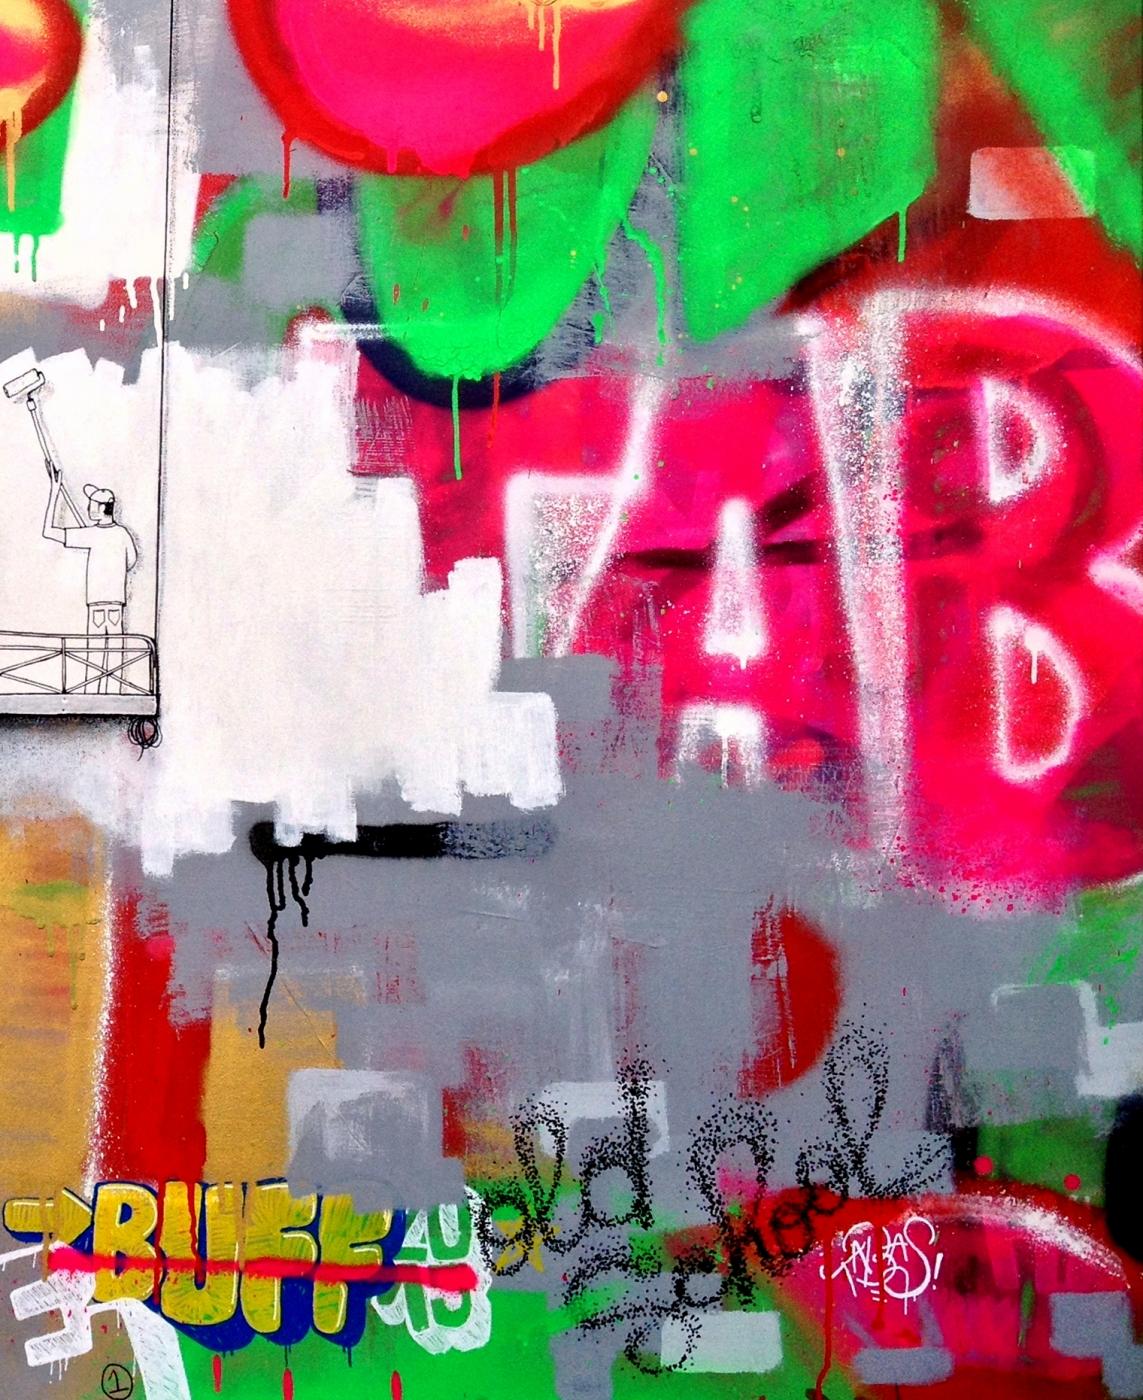 Je déteste le graffiti 0B